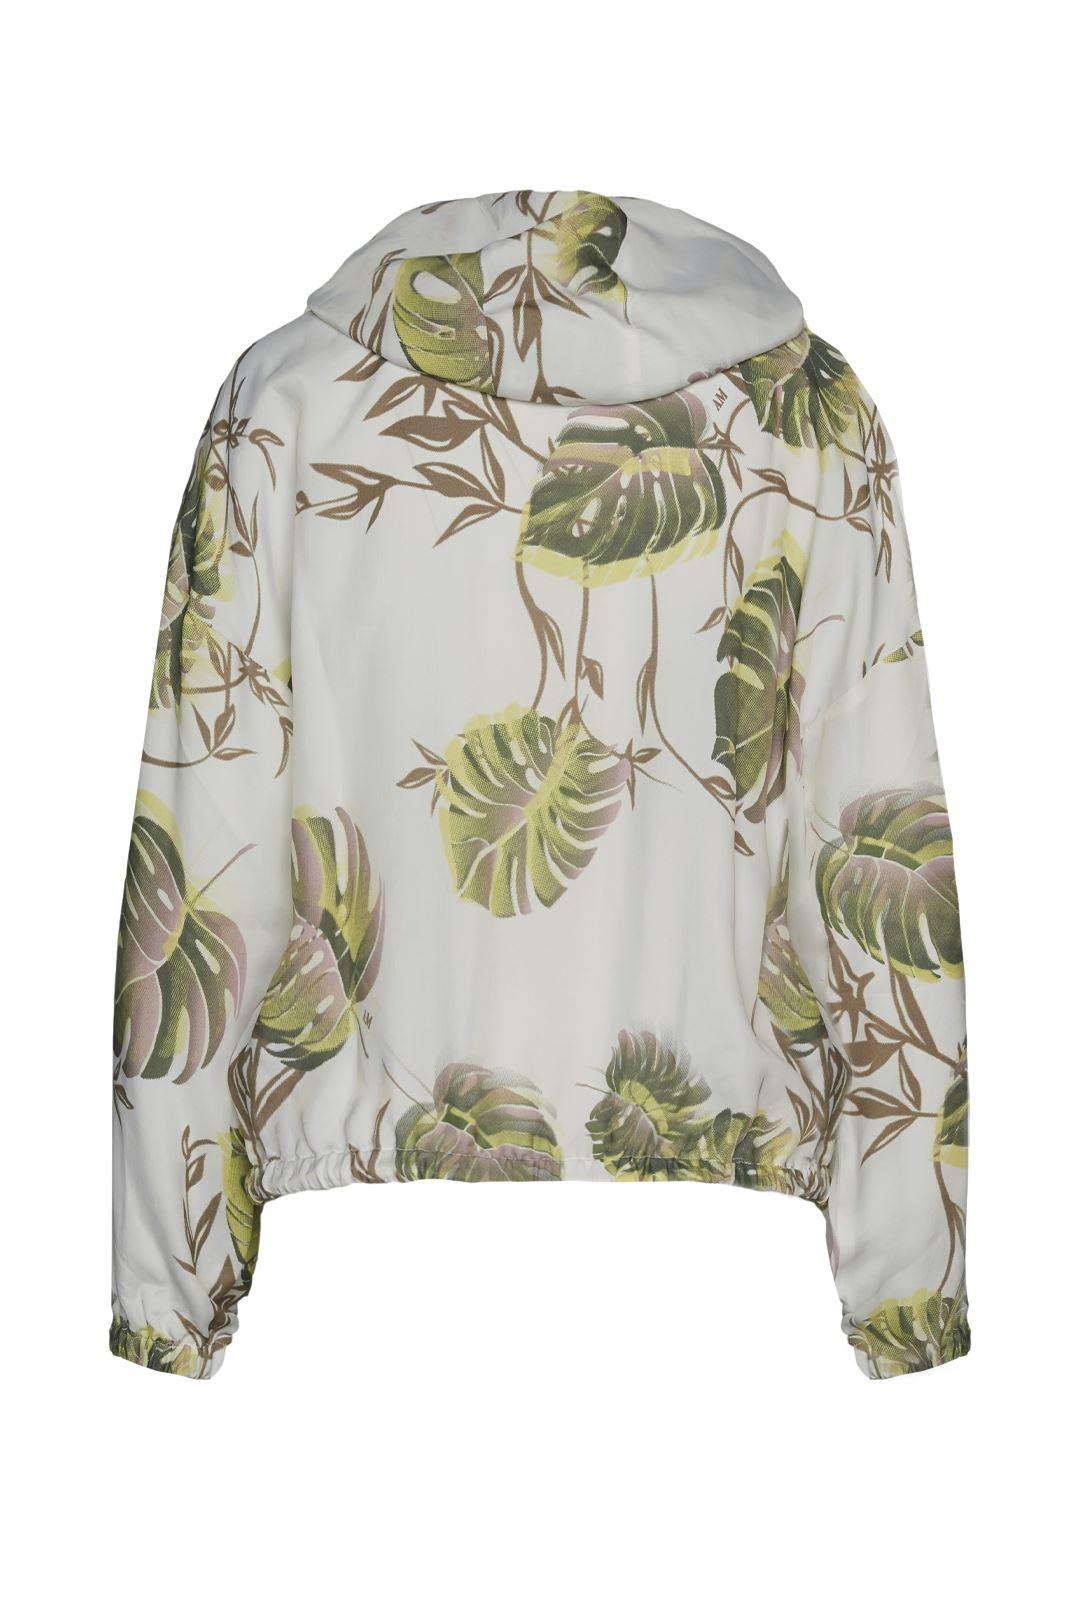 Jacke mit tropischen Blätter-Motiv 2